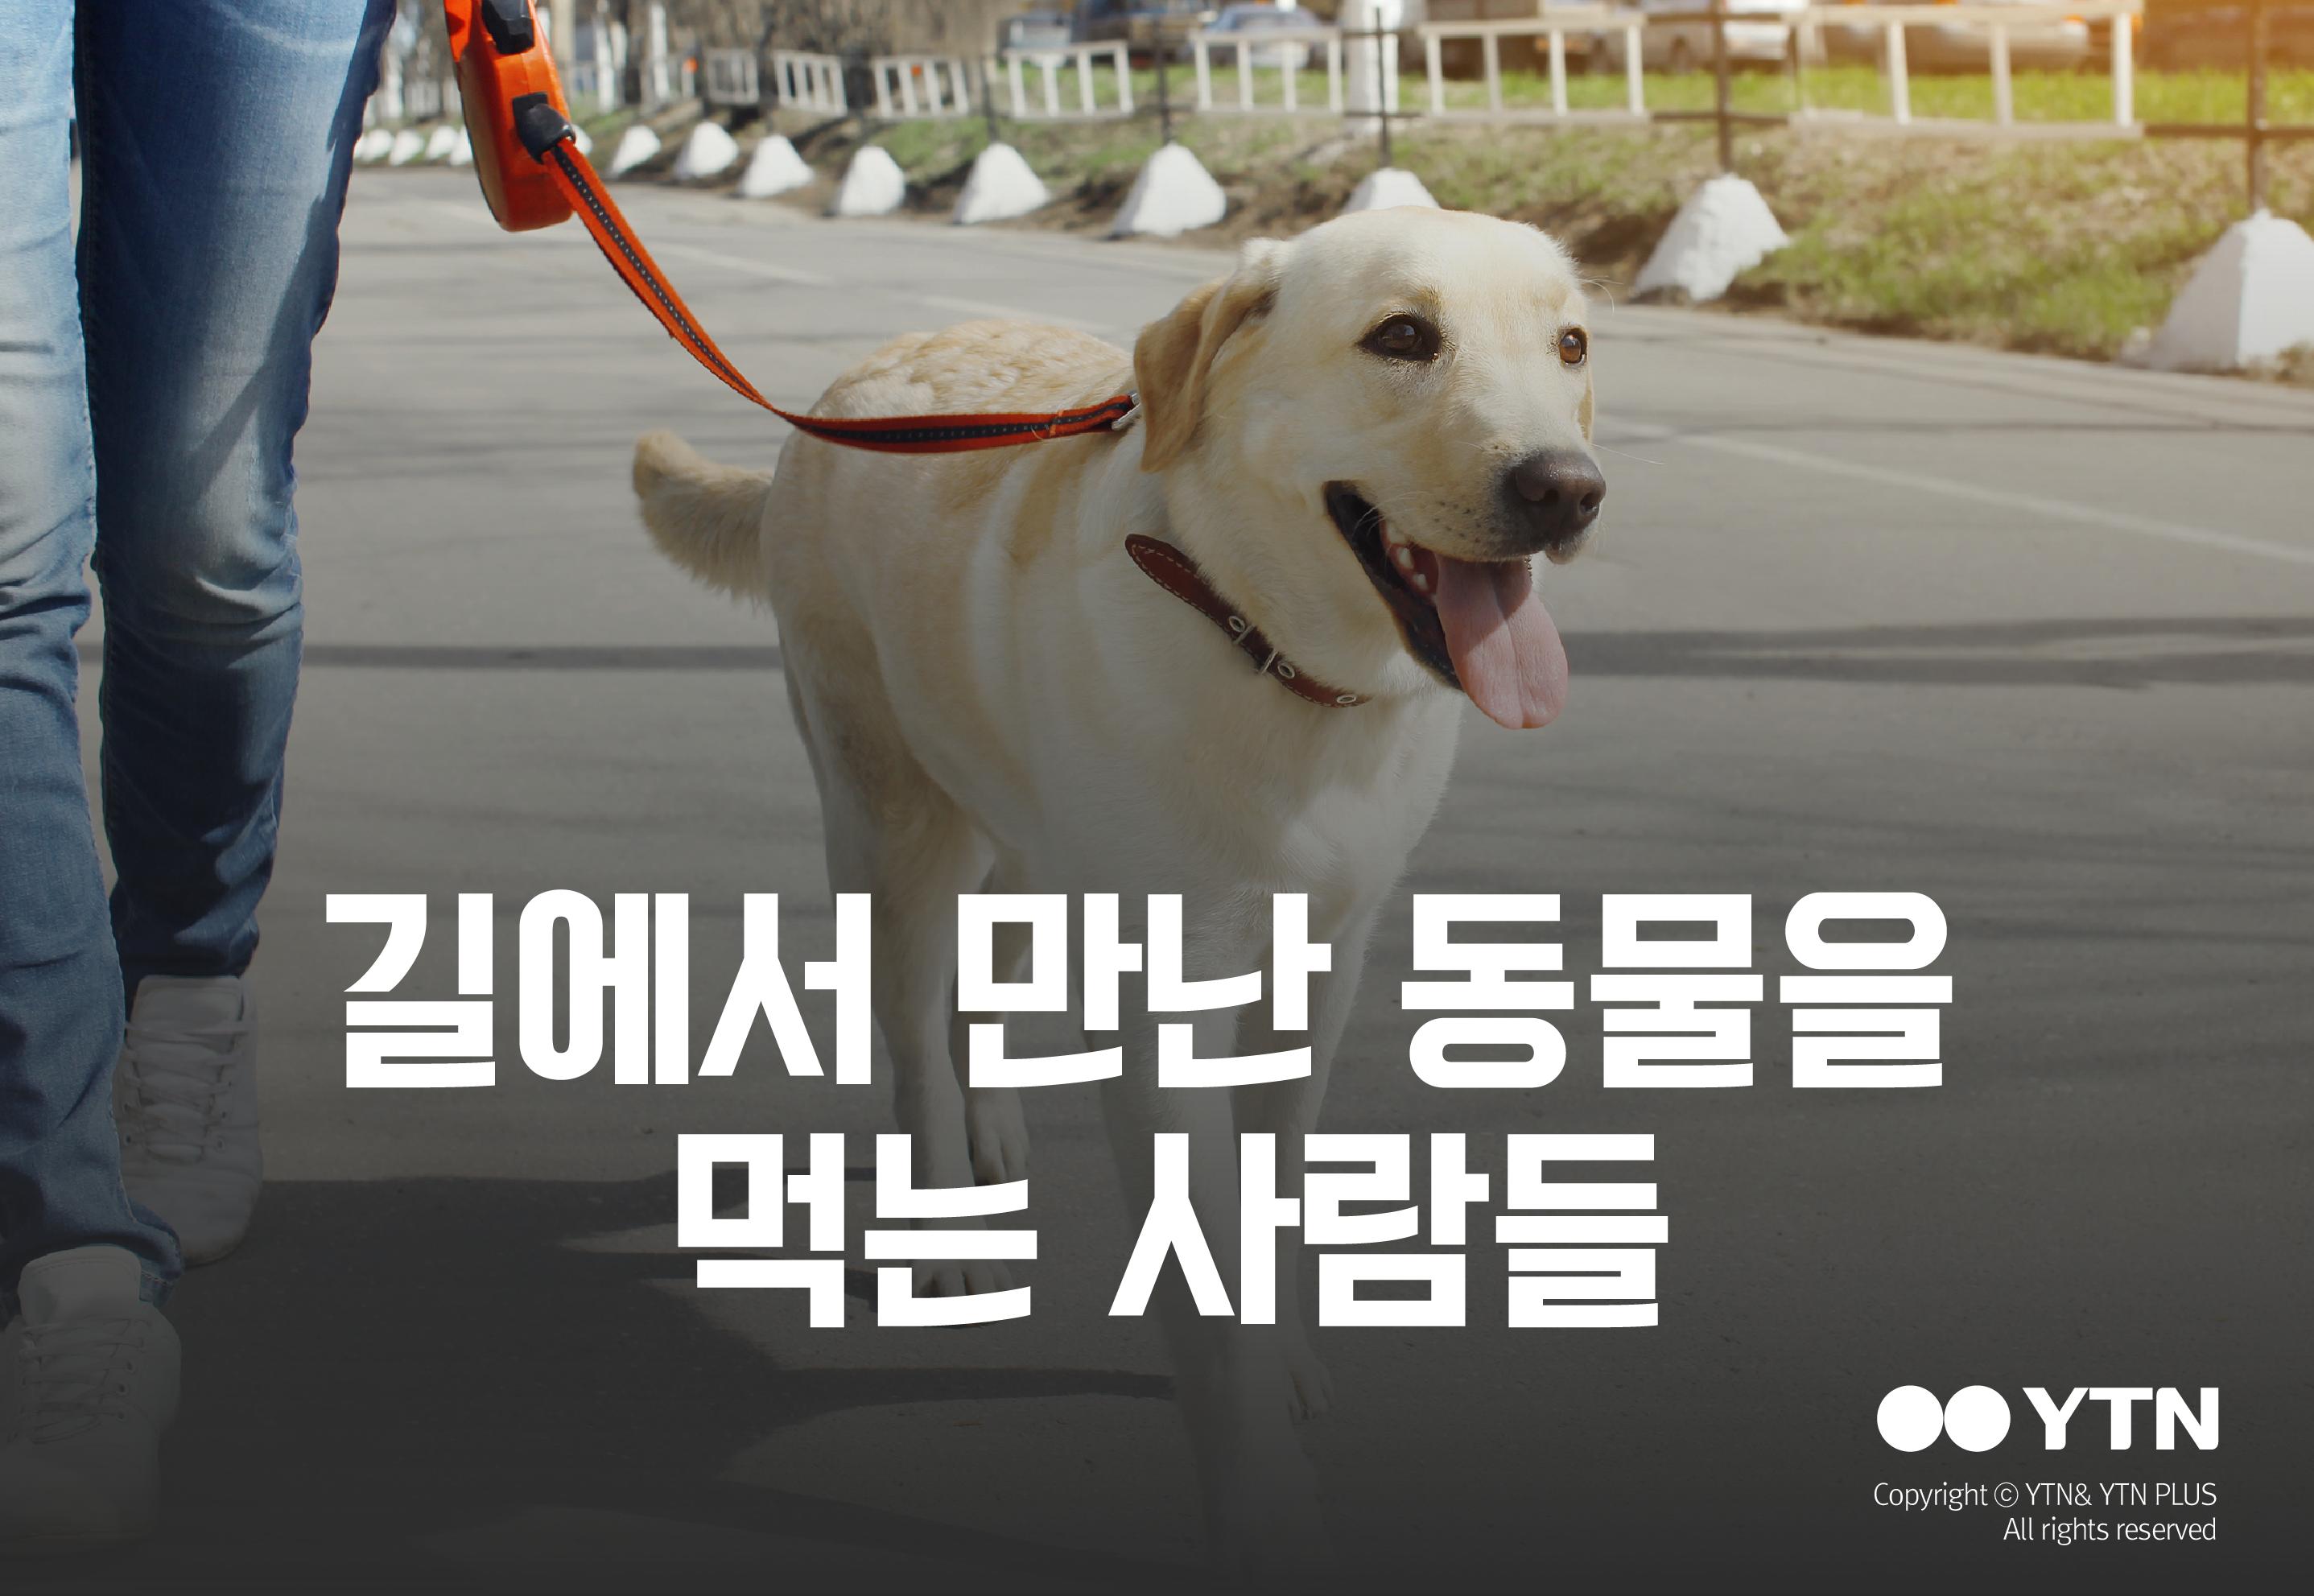 [한컷뉴스] 길에서 만난 동물을 잡아먹는 사람들